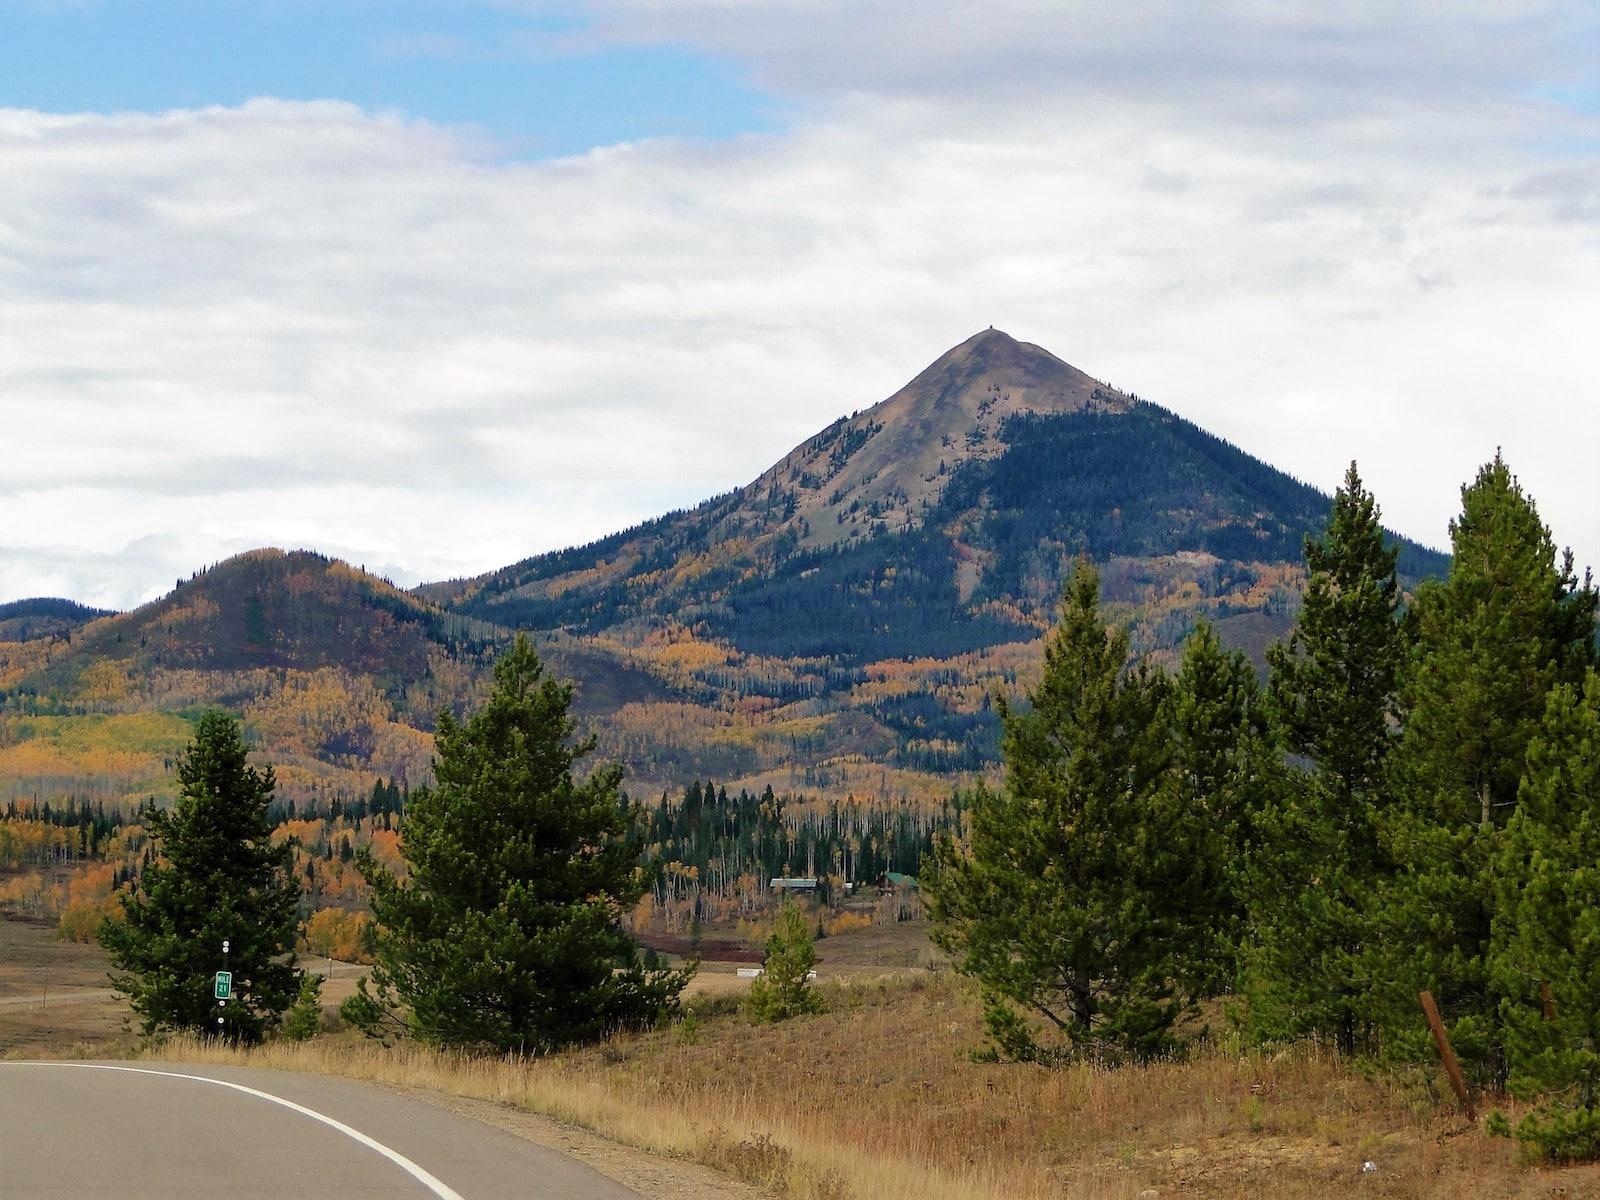 Colorado Hahns Peak Extinct Volcano